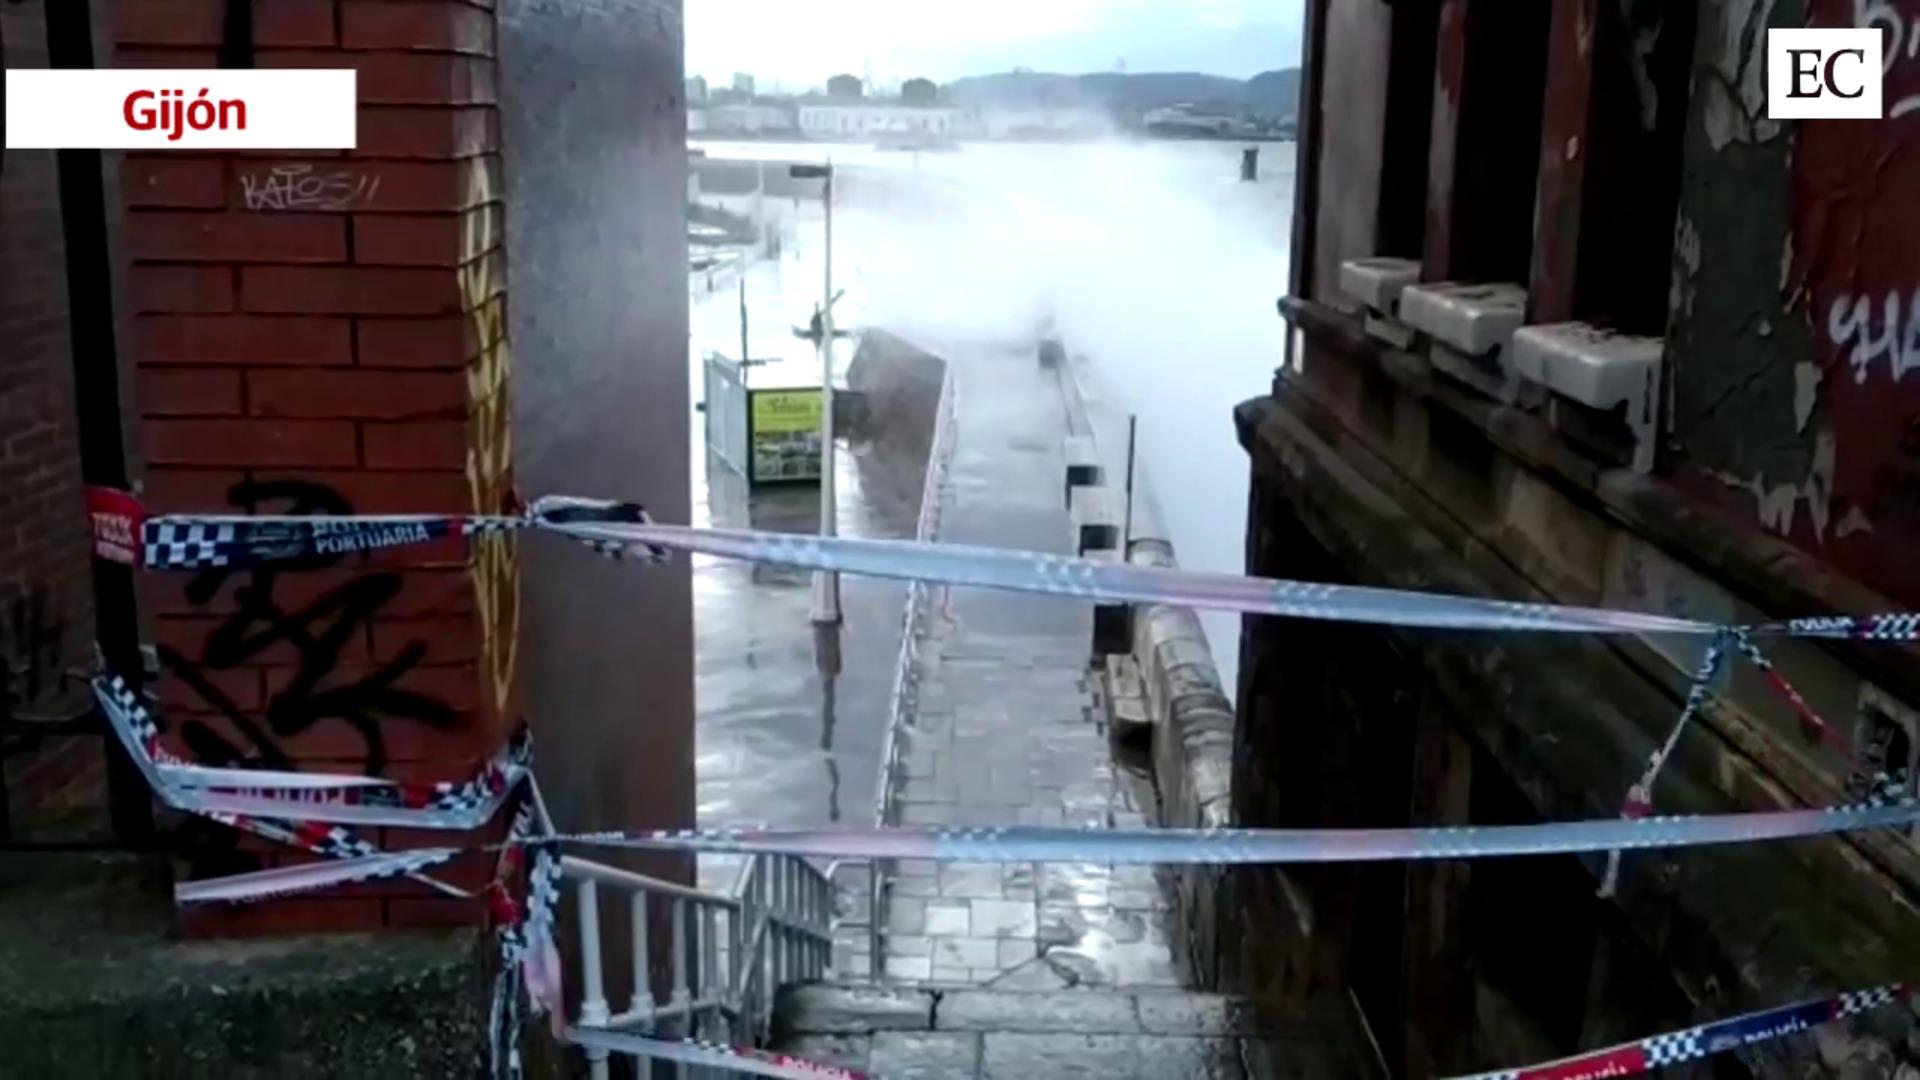 Las olas golpean con fuerza en Gijón